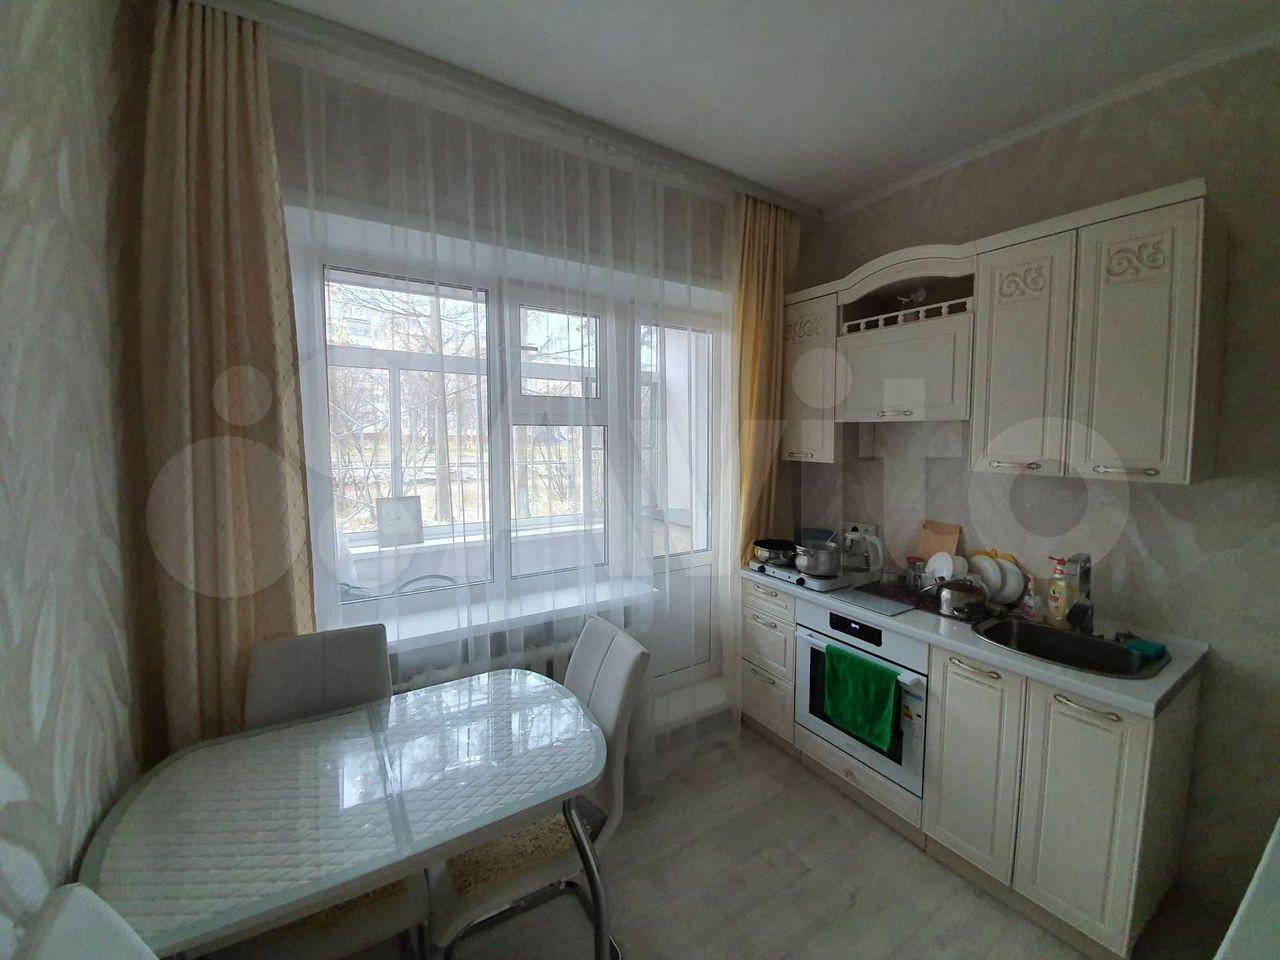 2-к квартира, 51.7 м², 1/5 эт.  89142613546 купить 1